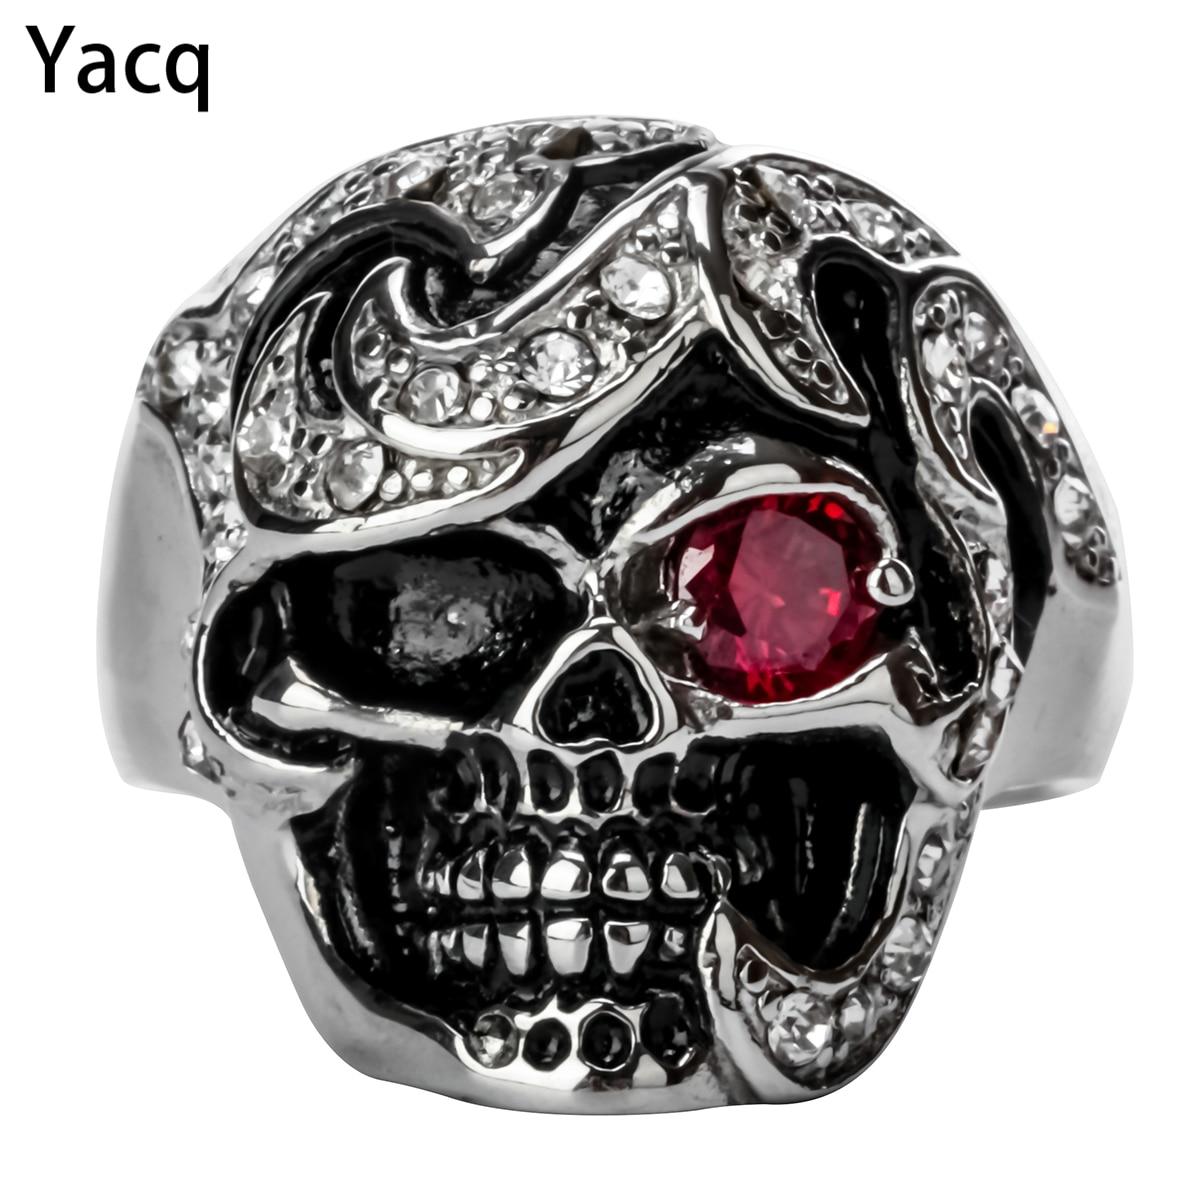 Yacq cráneo anillo gótico hombres mujeres biker joyería punky pesada regalos Acero inoxidable W/Cristal plata color KR46 316L dropshipping